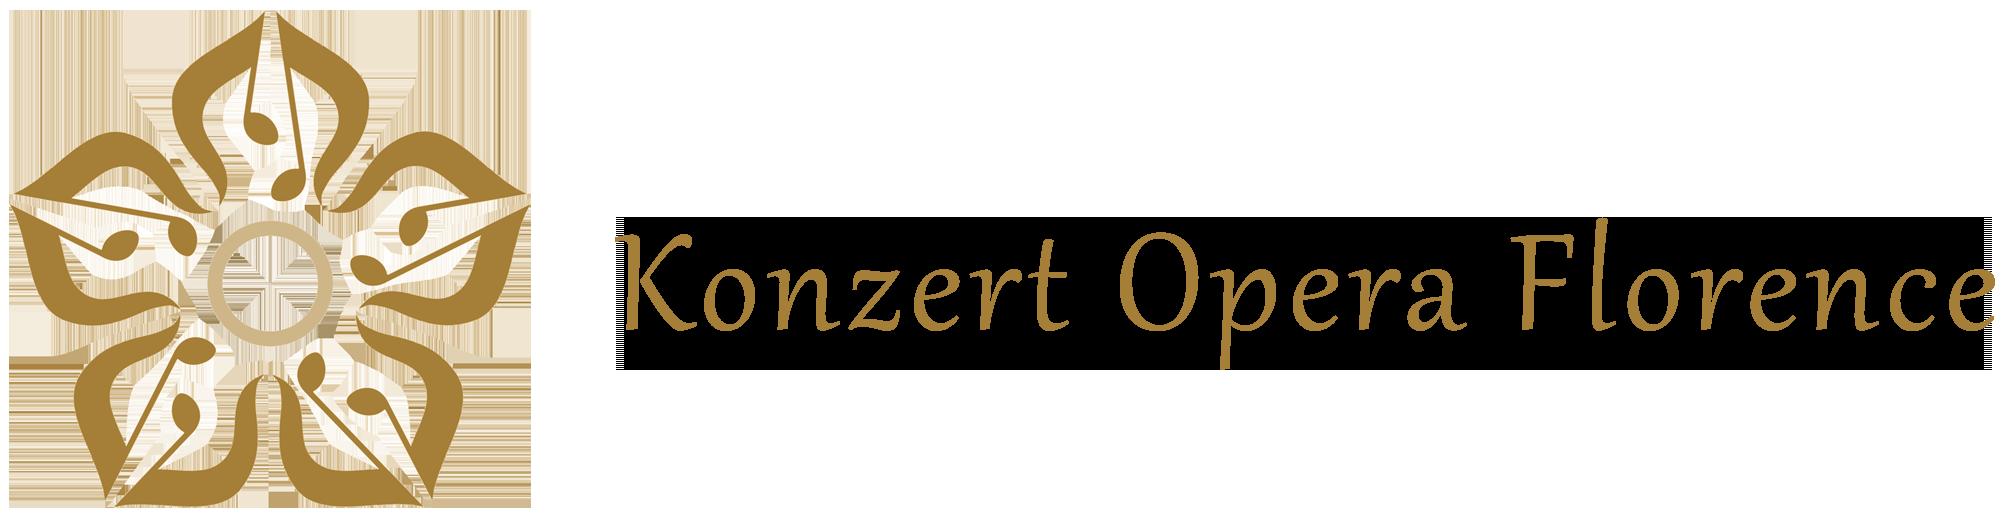 Konzert Opera Florence